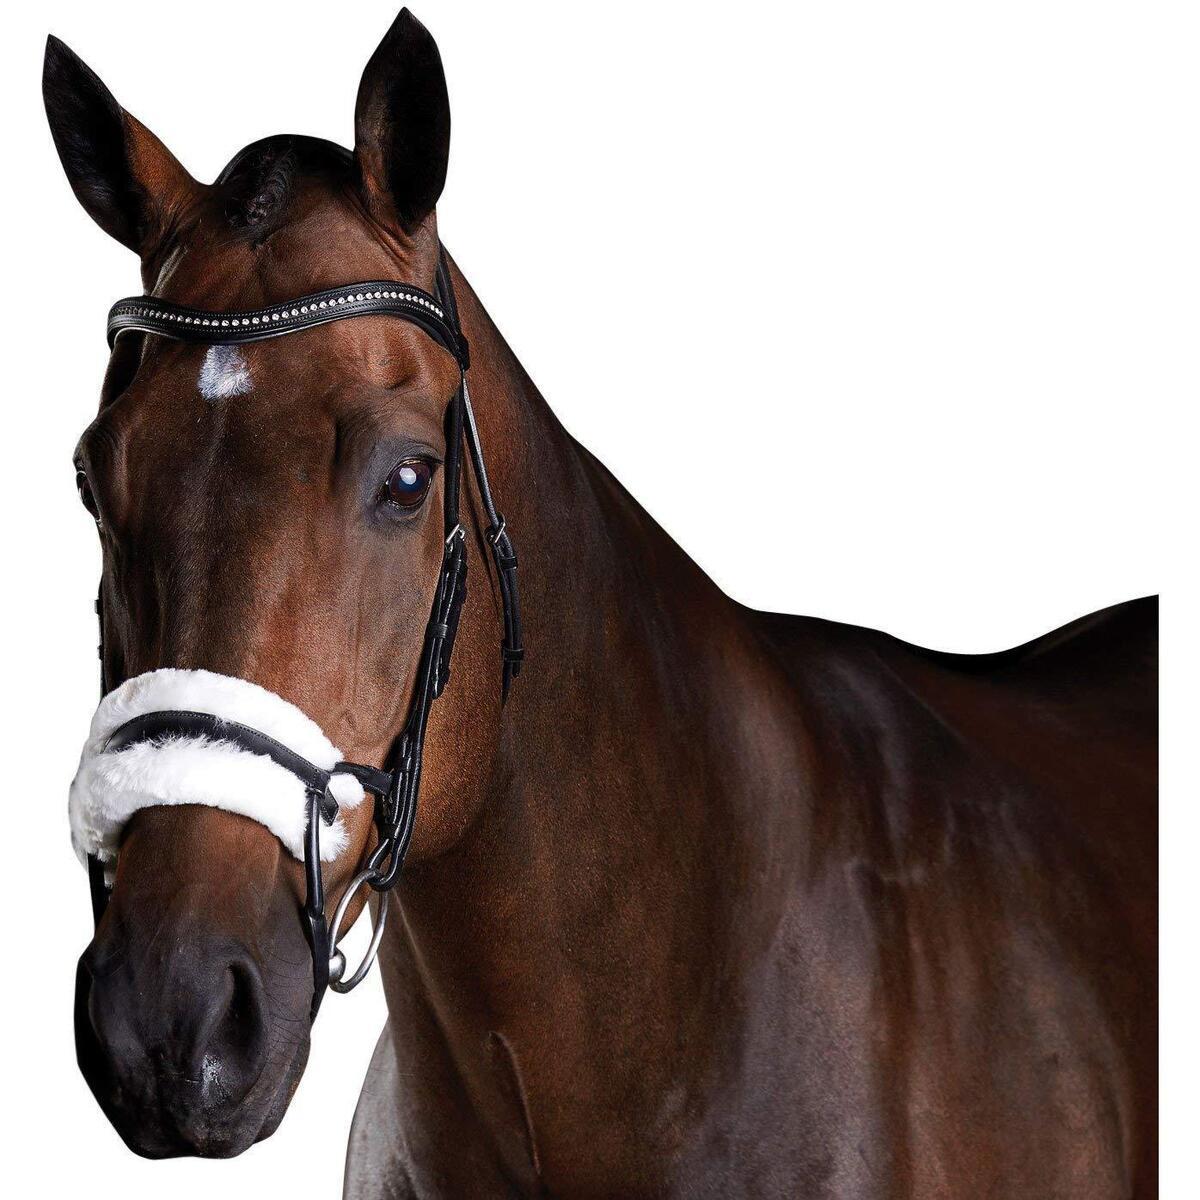 馬装具 馬具 乗馬用品 頭絡 調教 本物 カレッジエイト Collegiate 馬用 レザー 出群 Comfitec シープスキン 海外直送 乗馬 ホースライディング ブライドル